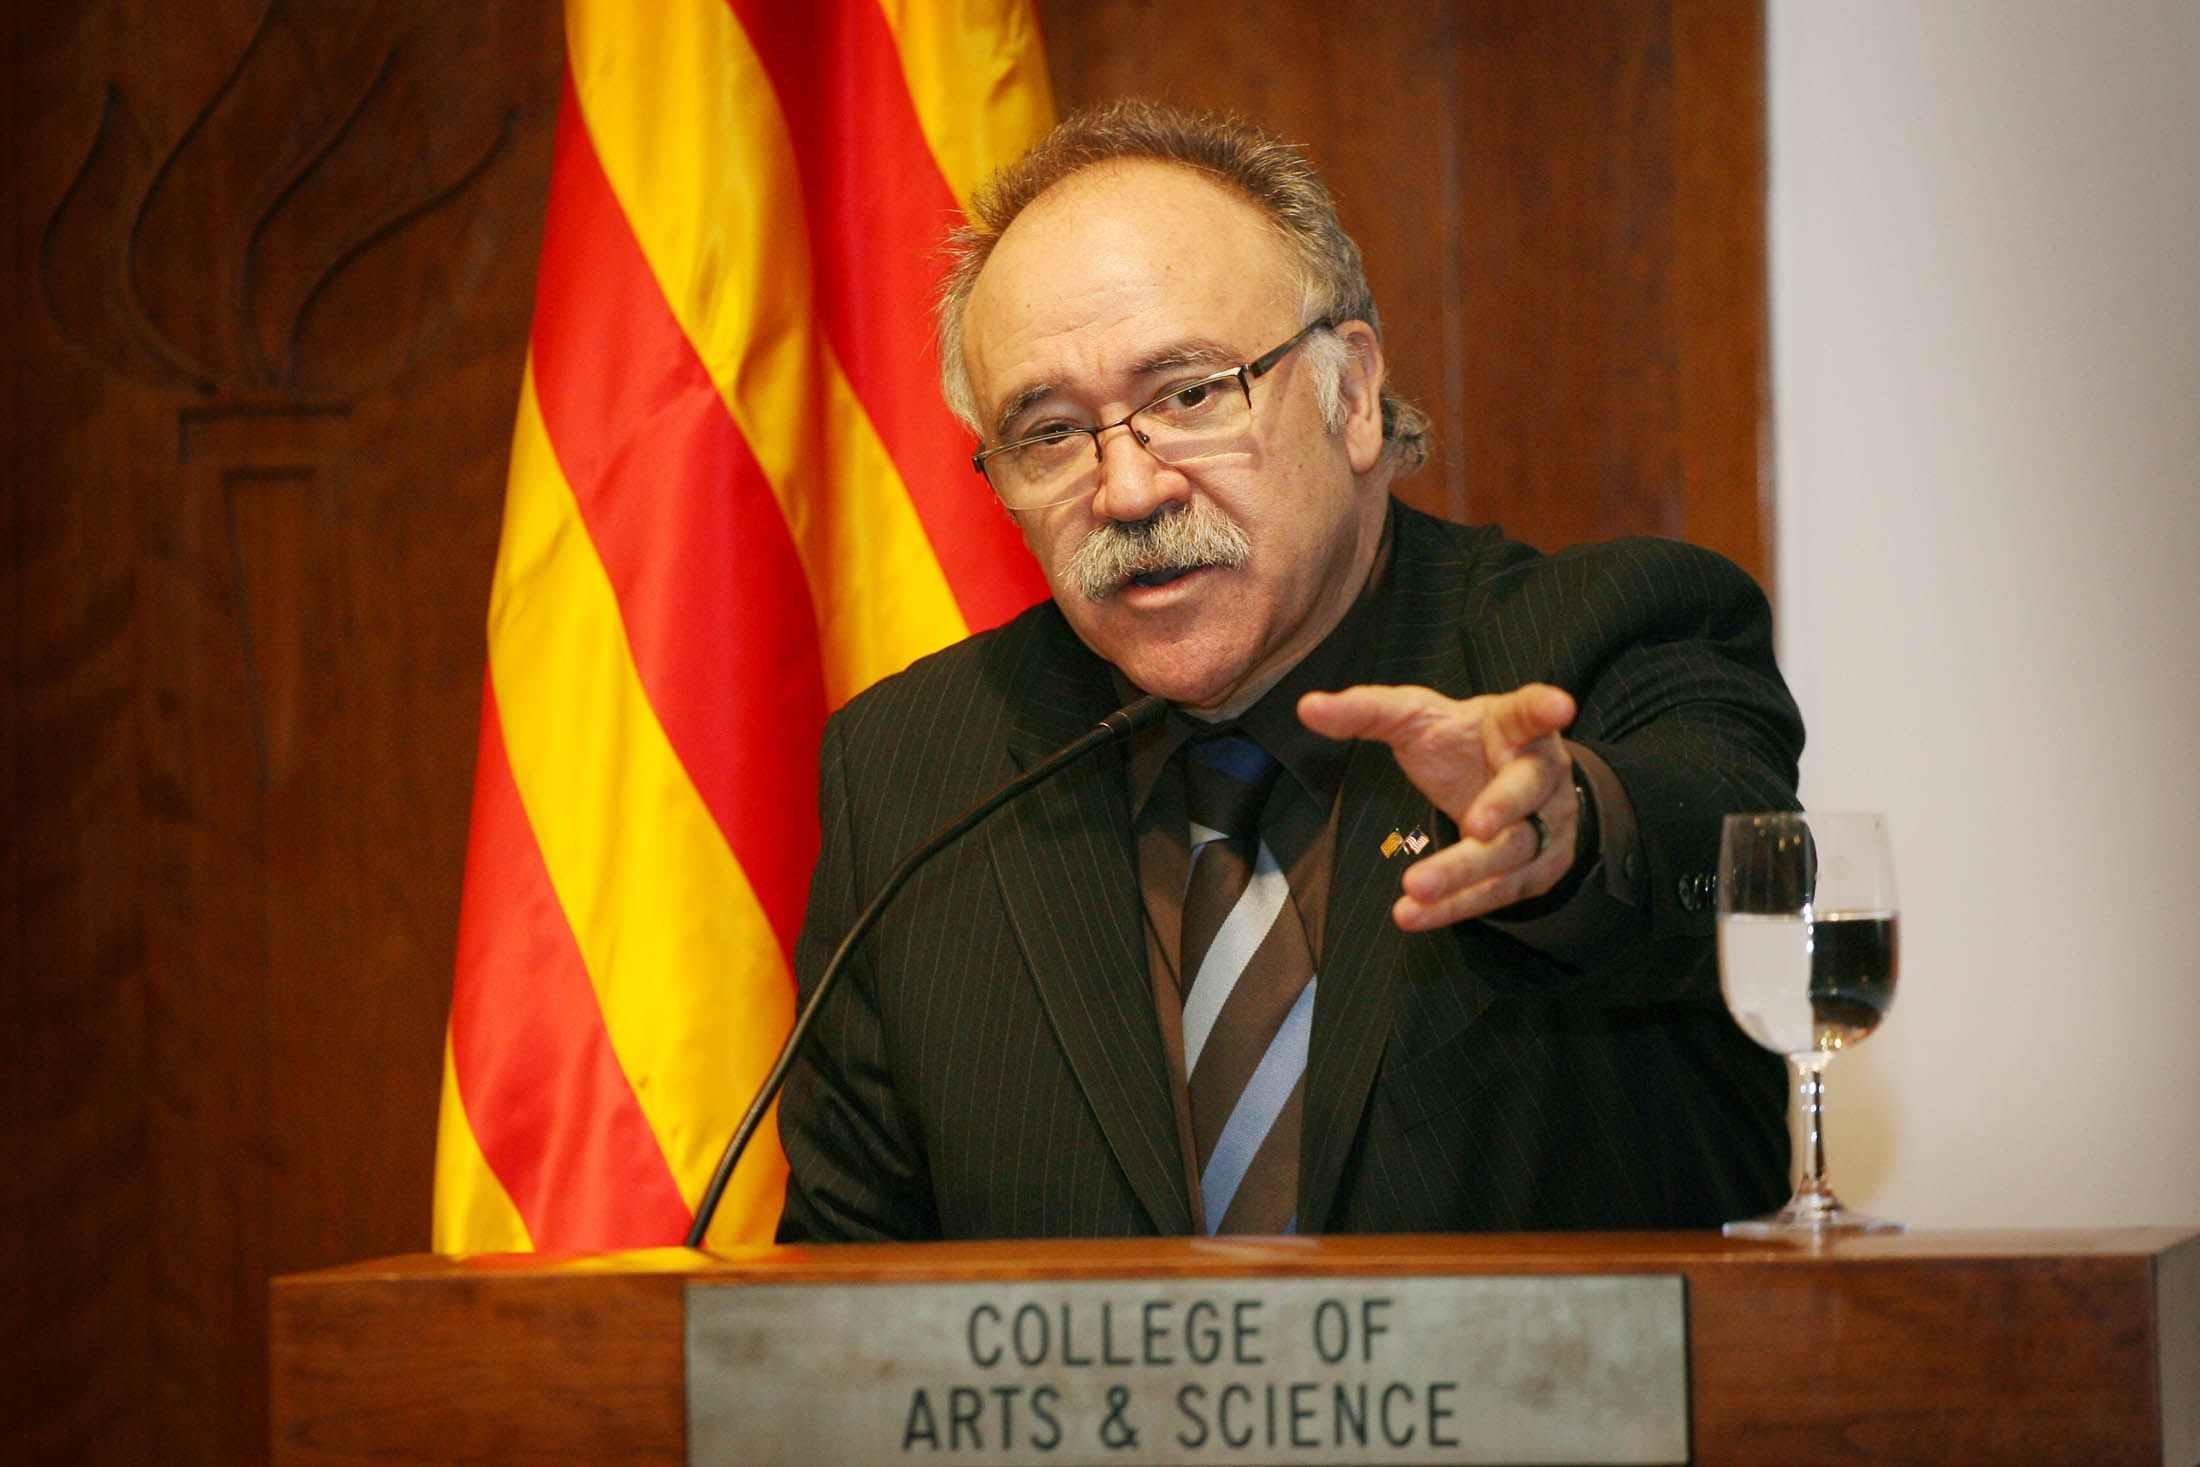 Carod afirma que la transición nacional de Mas sólo es posible con una coalición izquierda-derecha